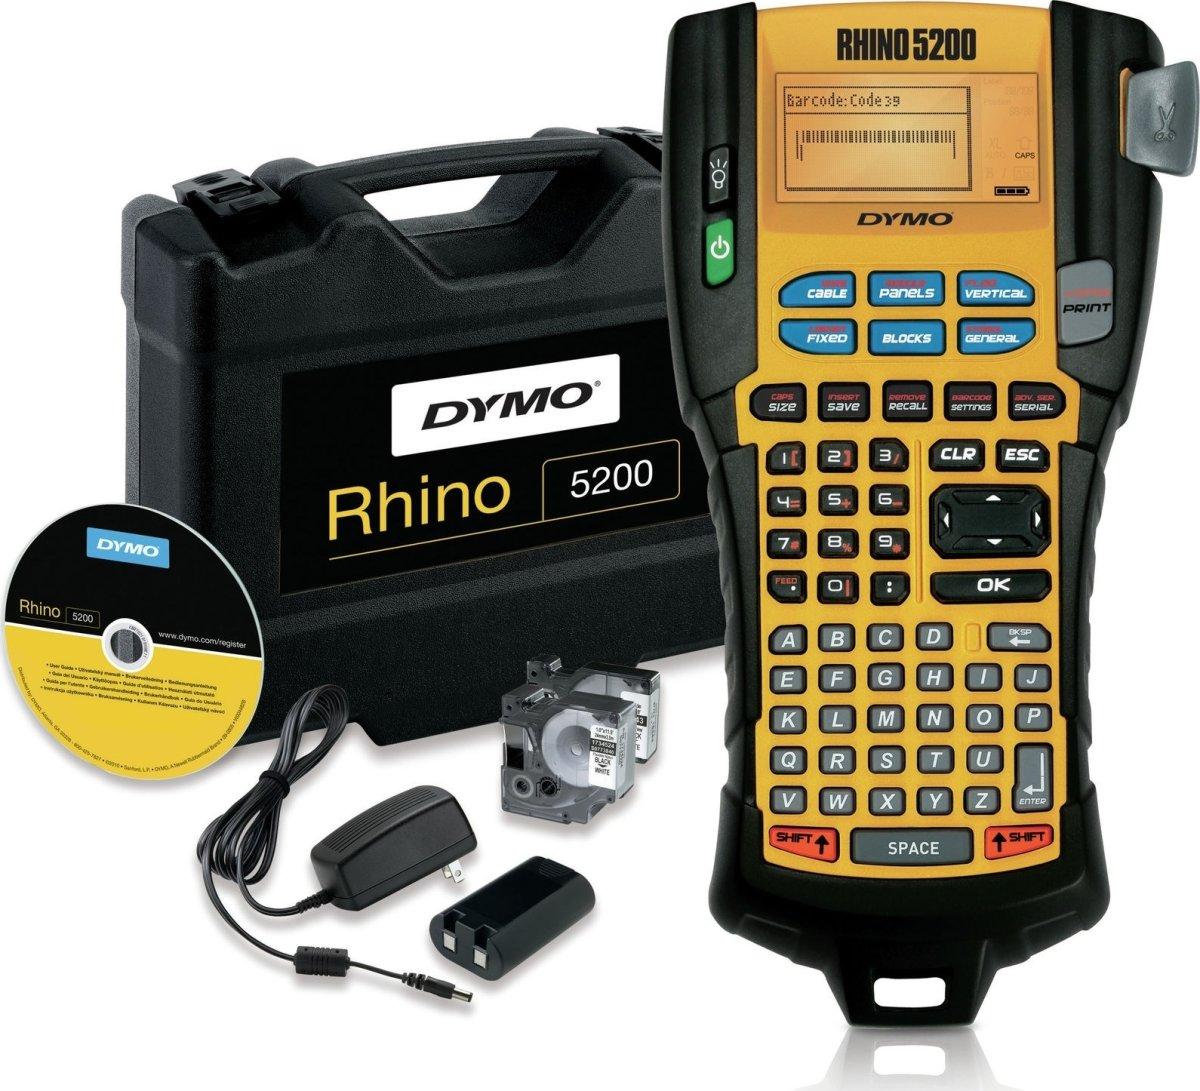 Dymo Rhino 5200 Kuffertsæt